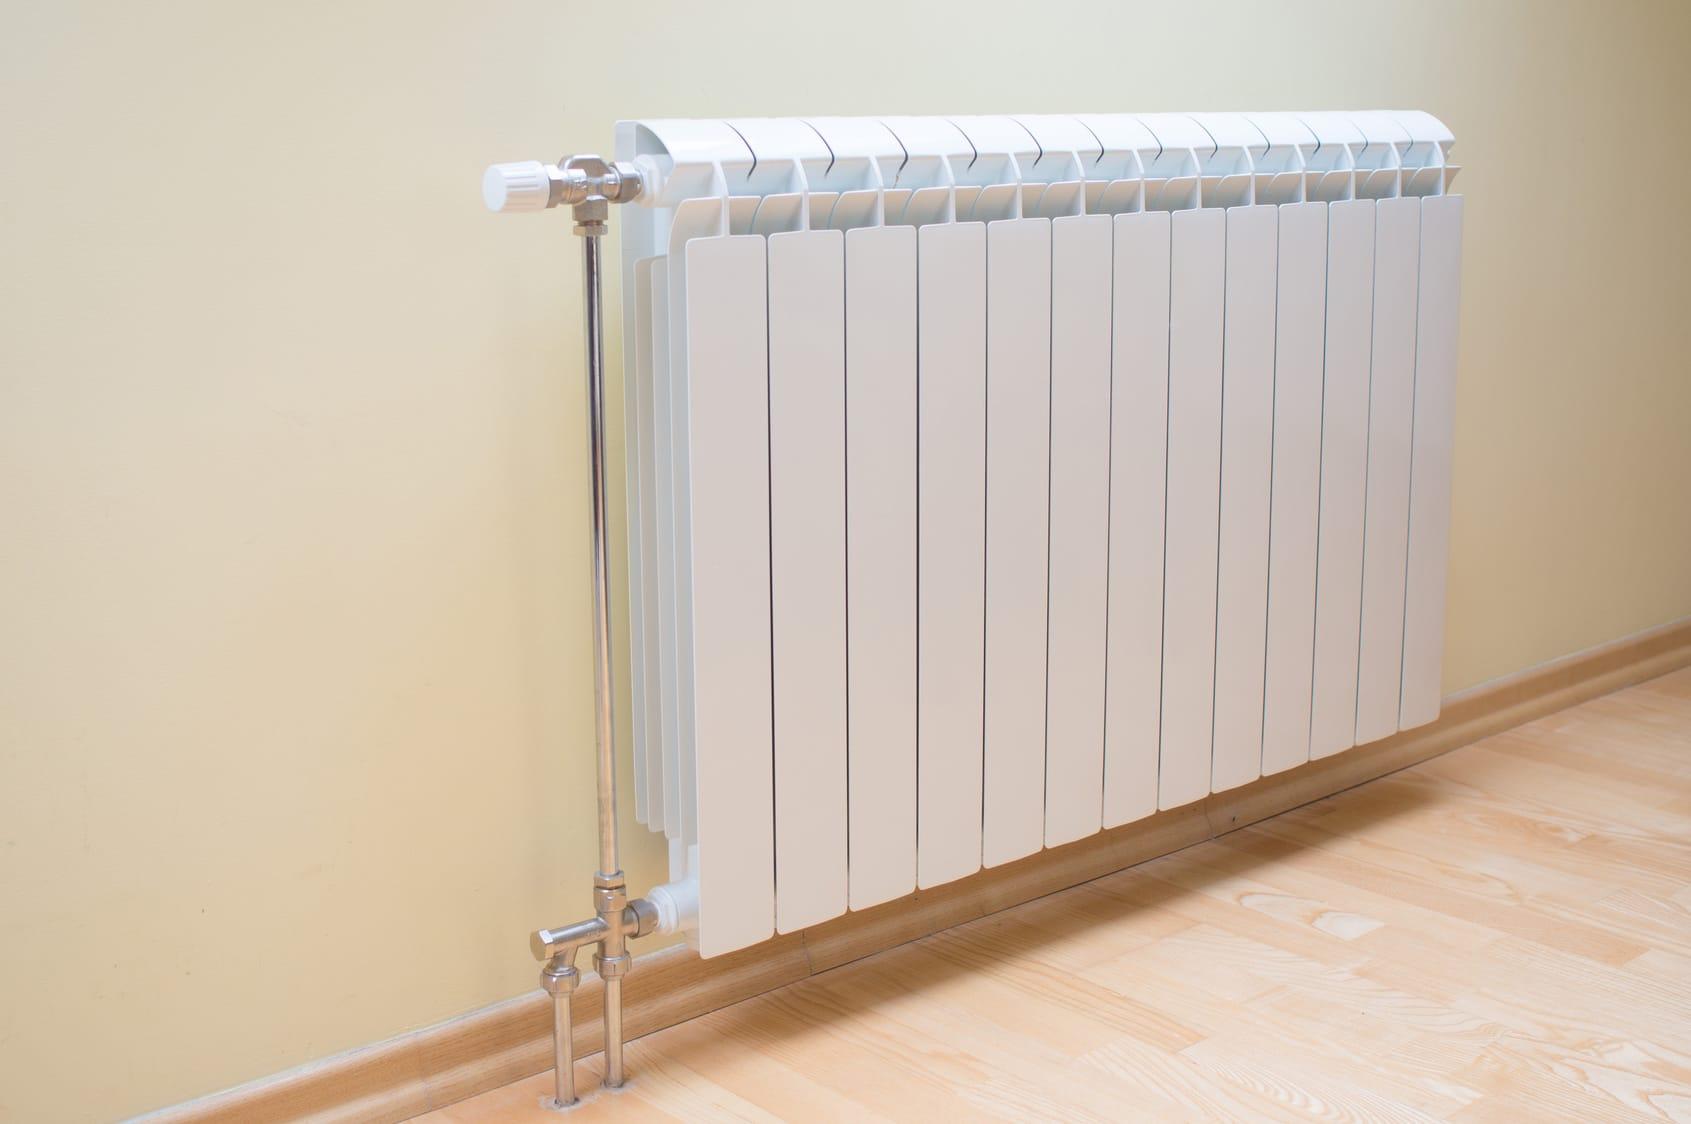 les radiateurs guide pratique magazine de l 39 aube. Black Bedroom Furniture Sets. Home Design Ideas